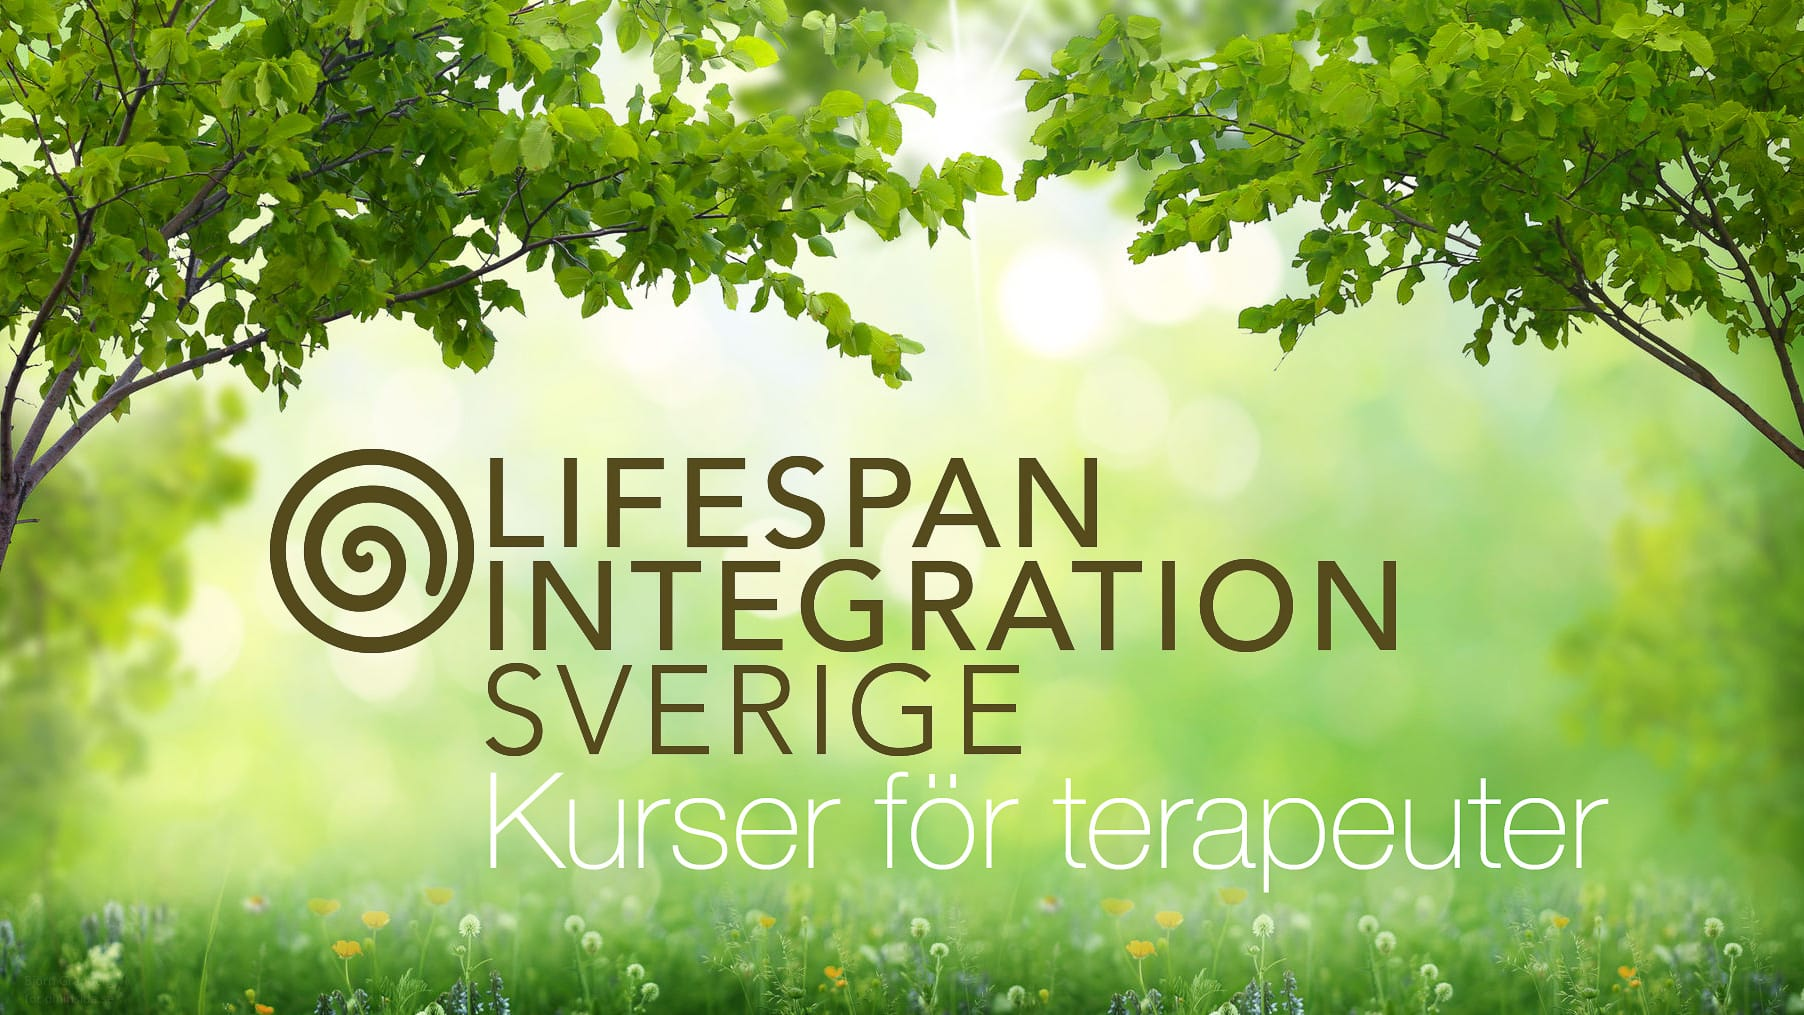 Lifespan Integration, kurser i sverige